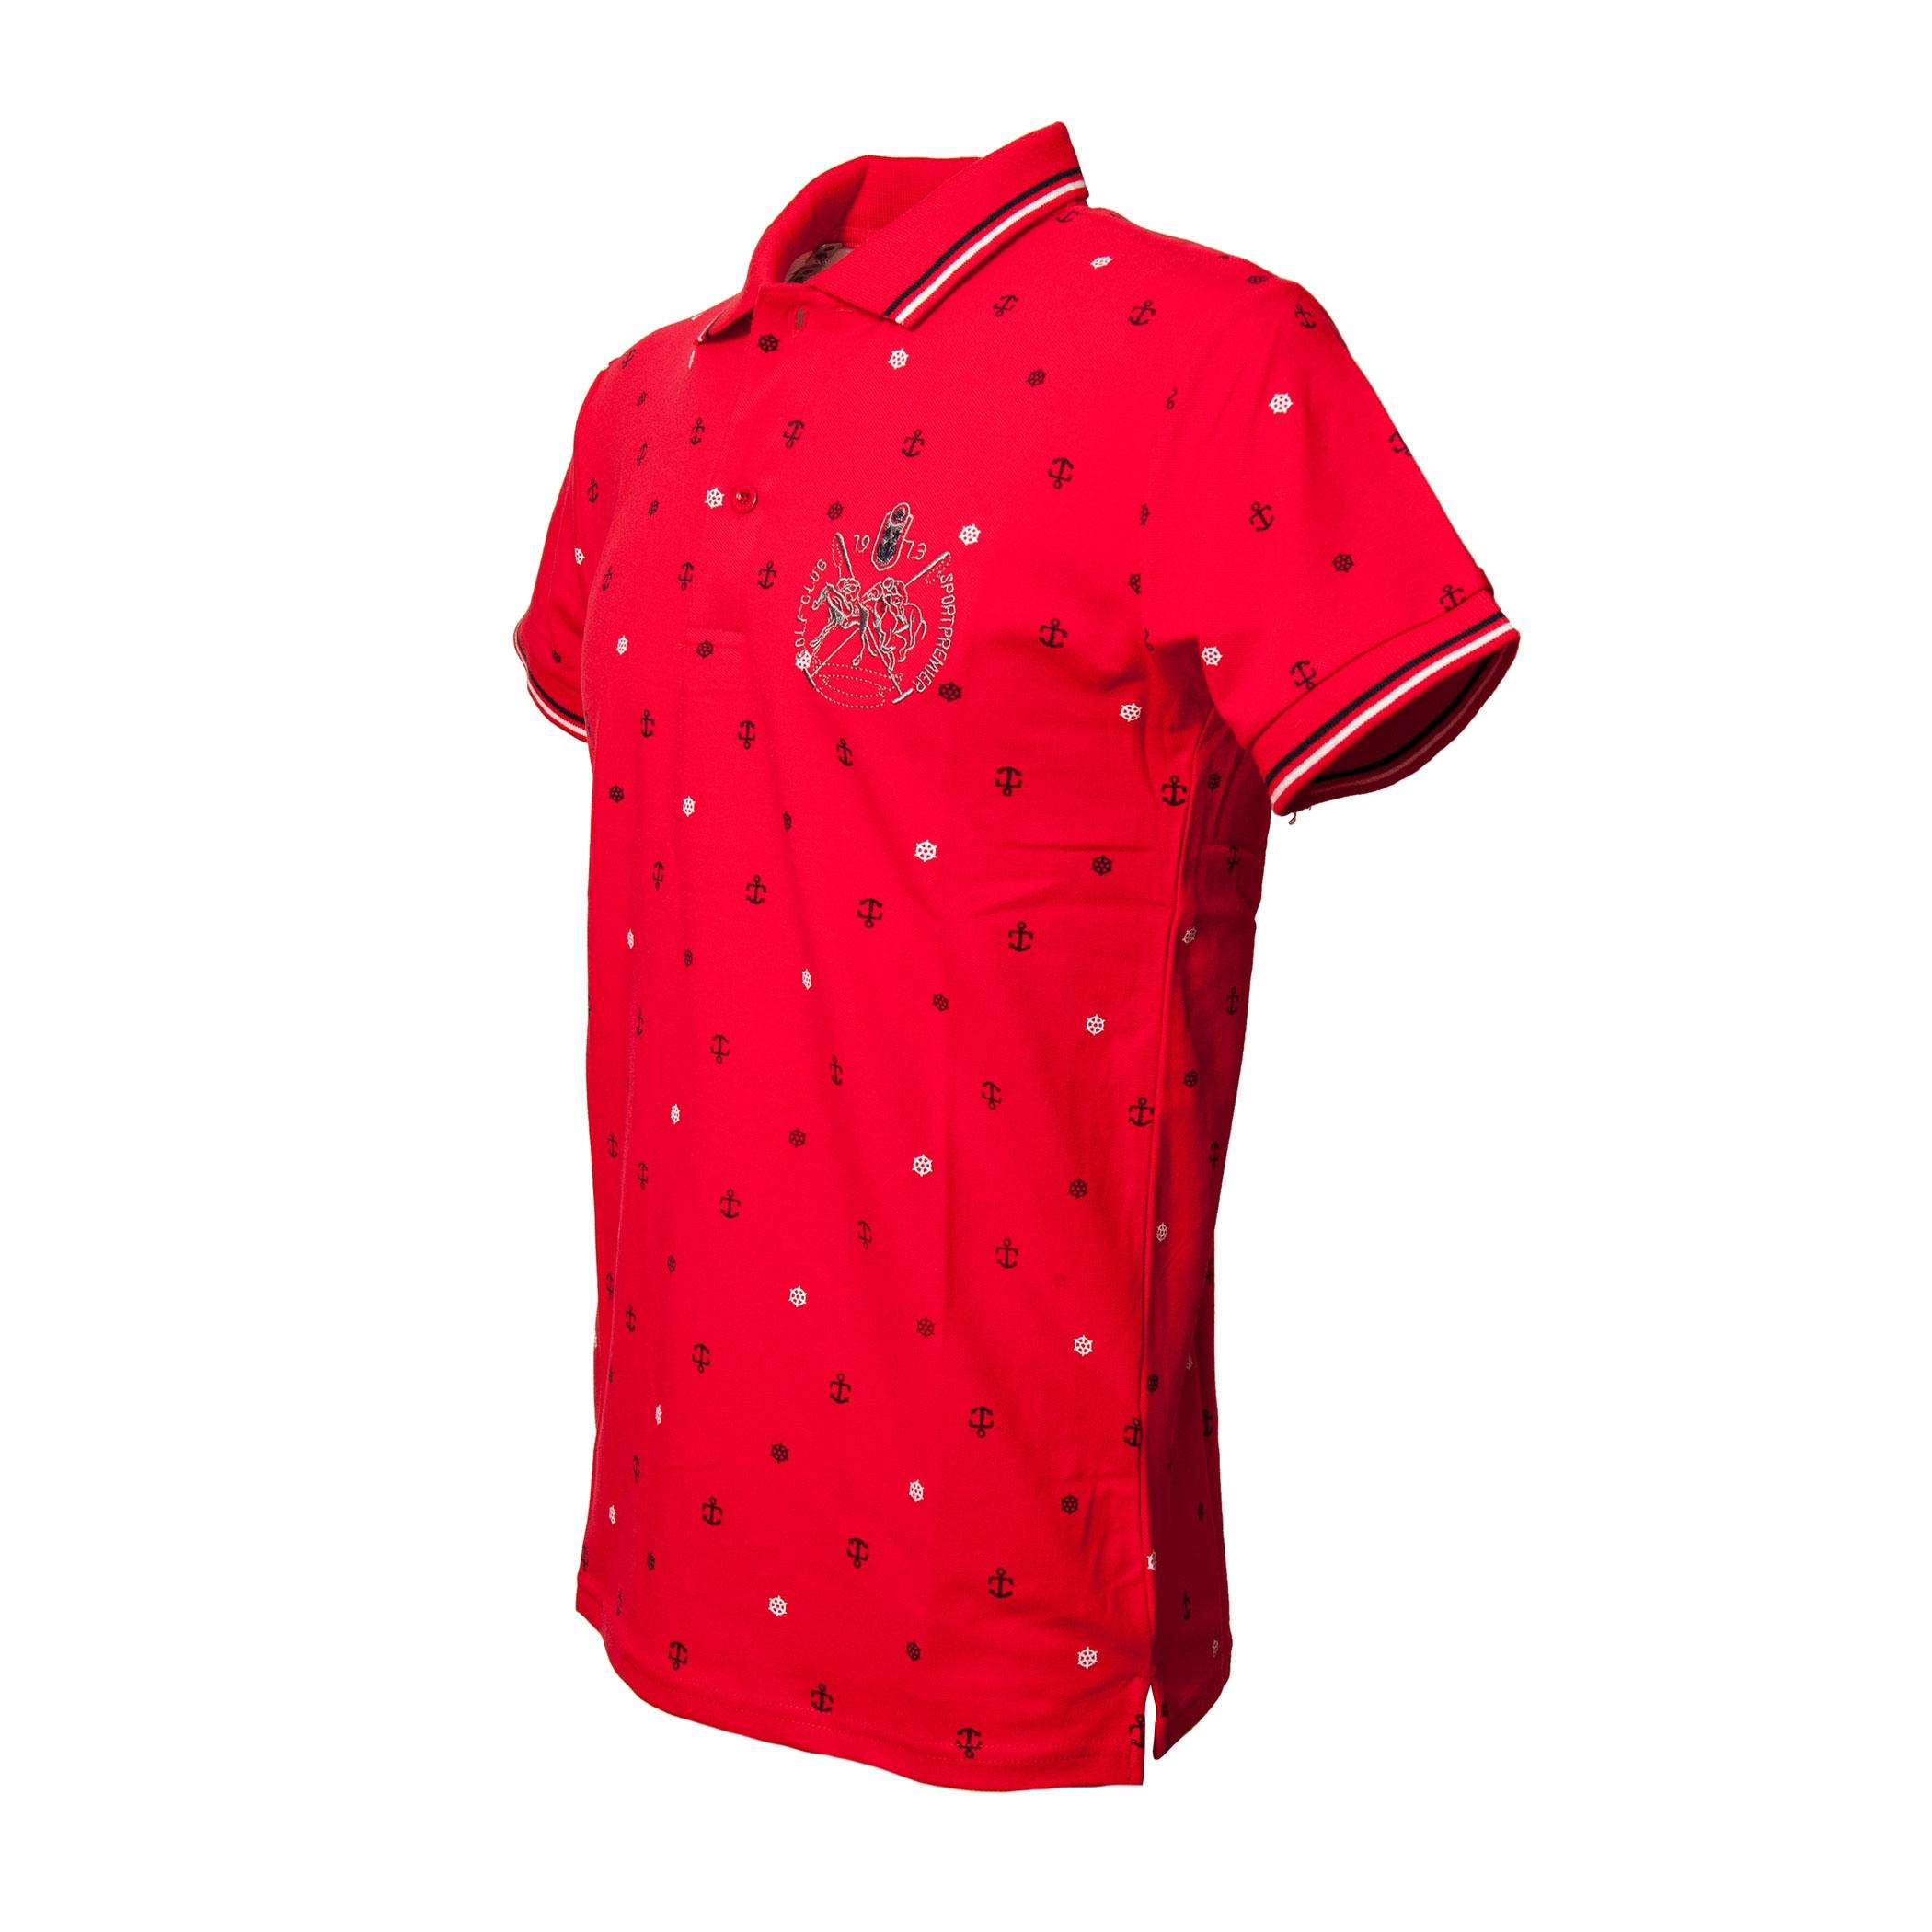 Polo-Uomo-Manica-Corta-Cotone-Casual-Maglietta-Slim-Fit-Maglia-Sportiva-T-shirt miniatura 11